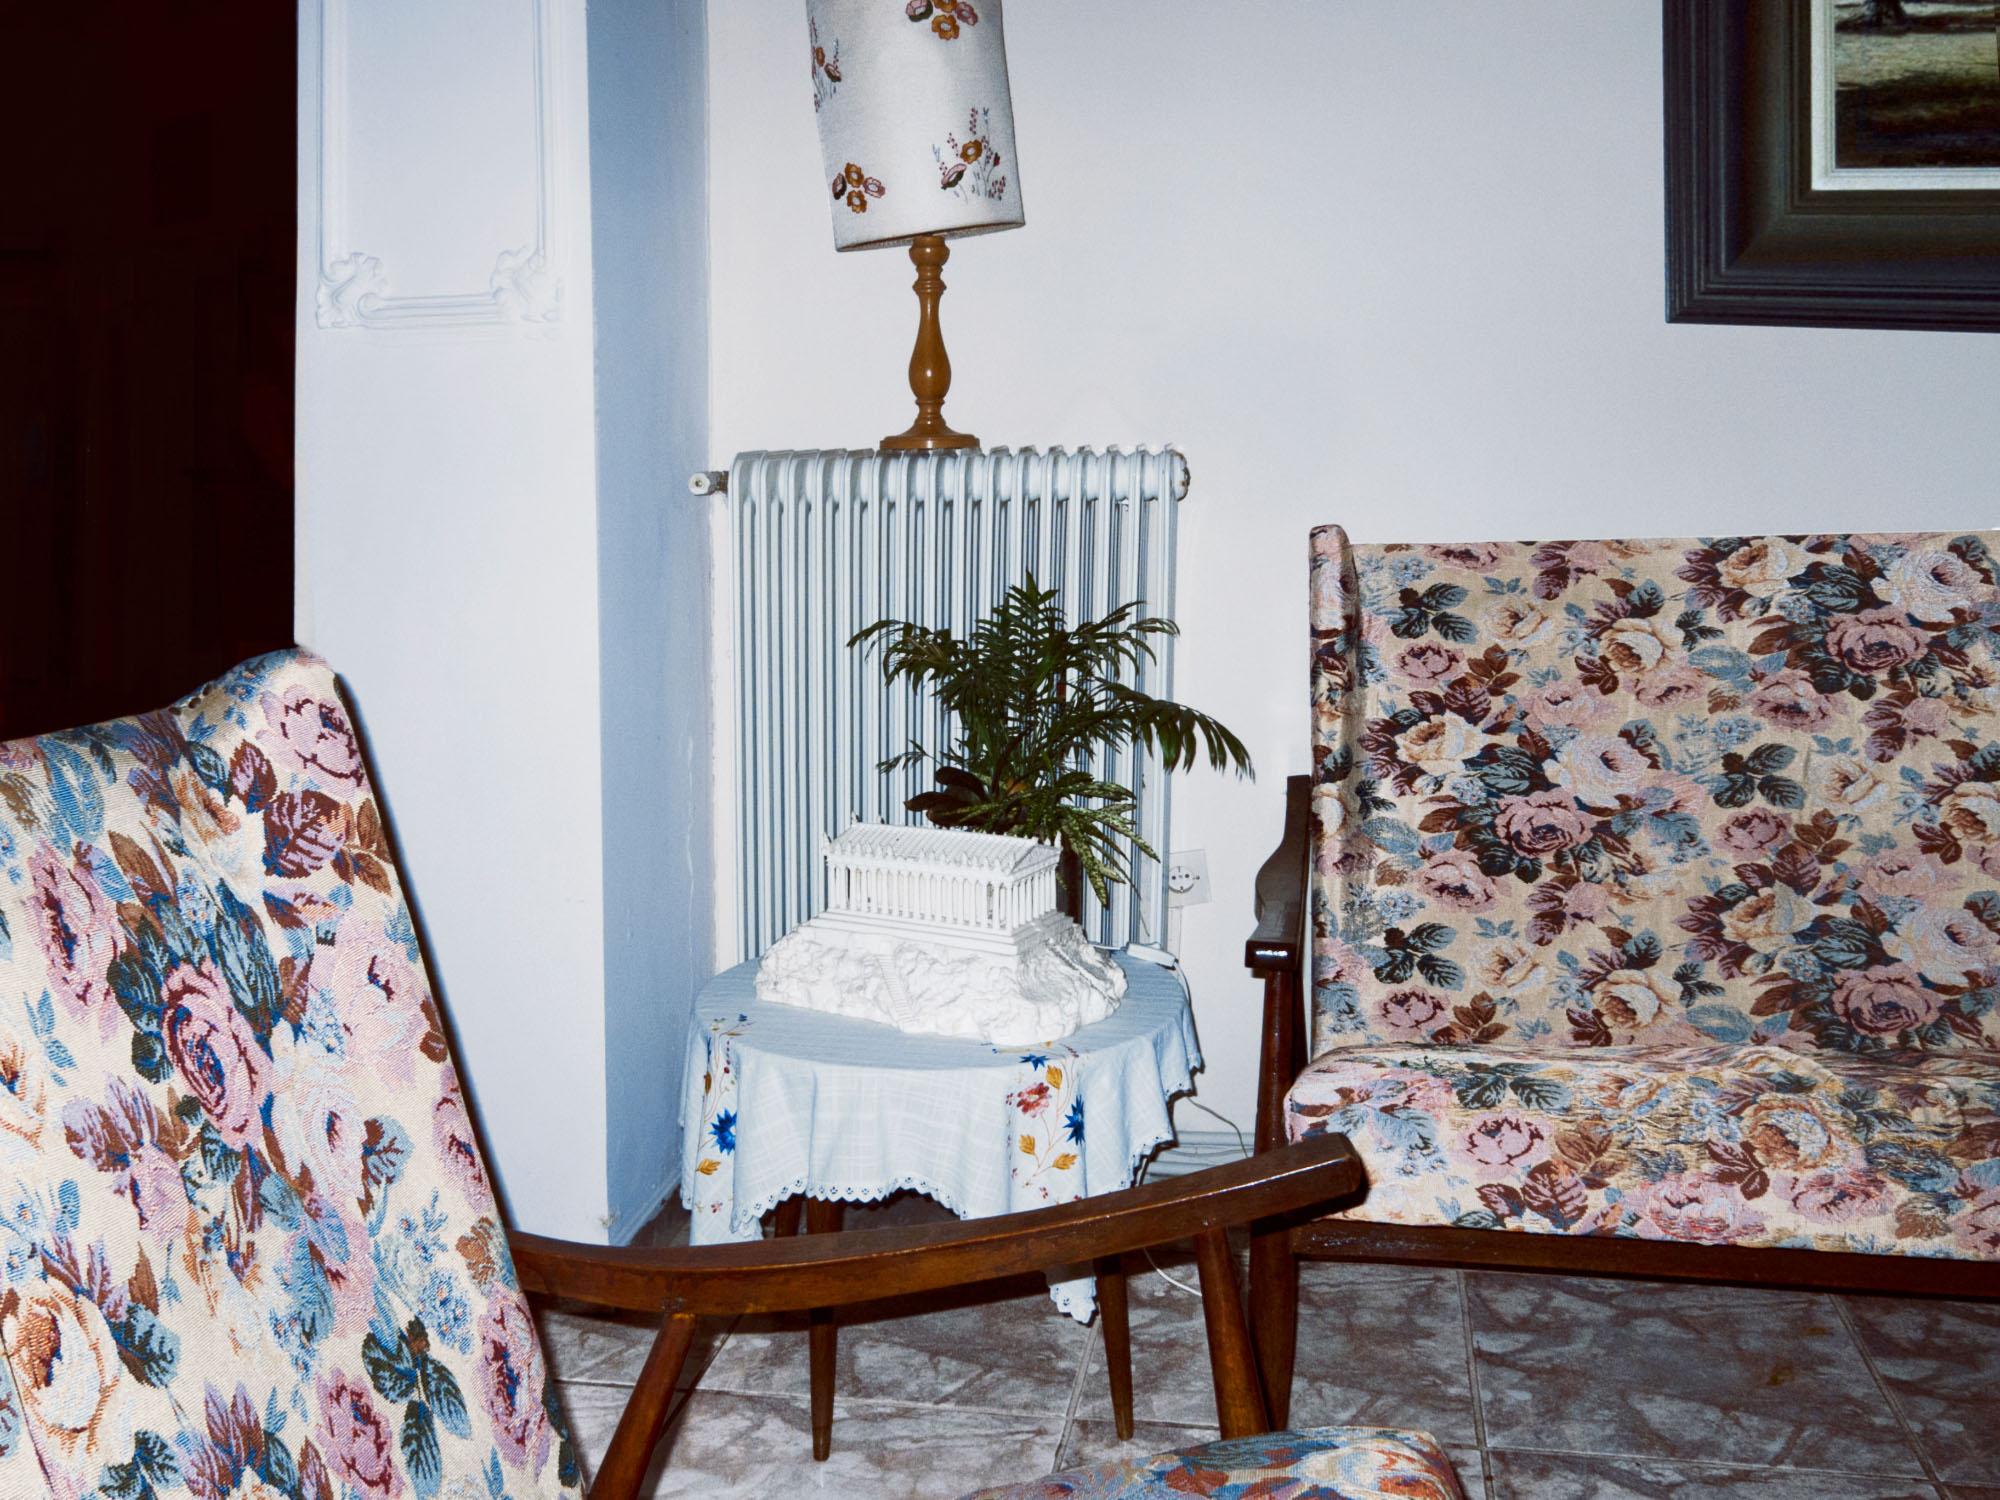 Διαμέρισμα eighties, © Πέτρος Κούμπλης